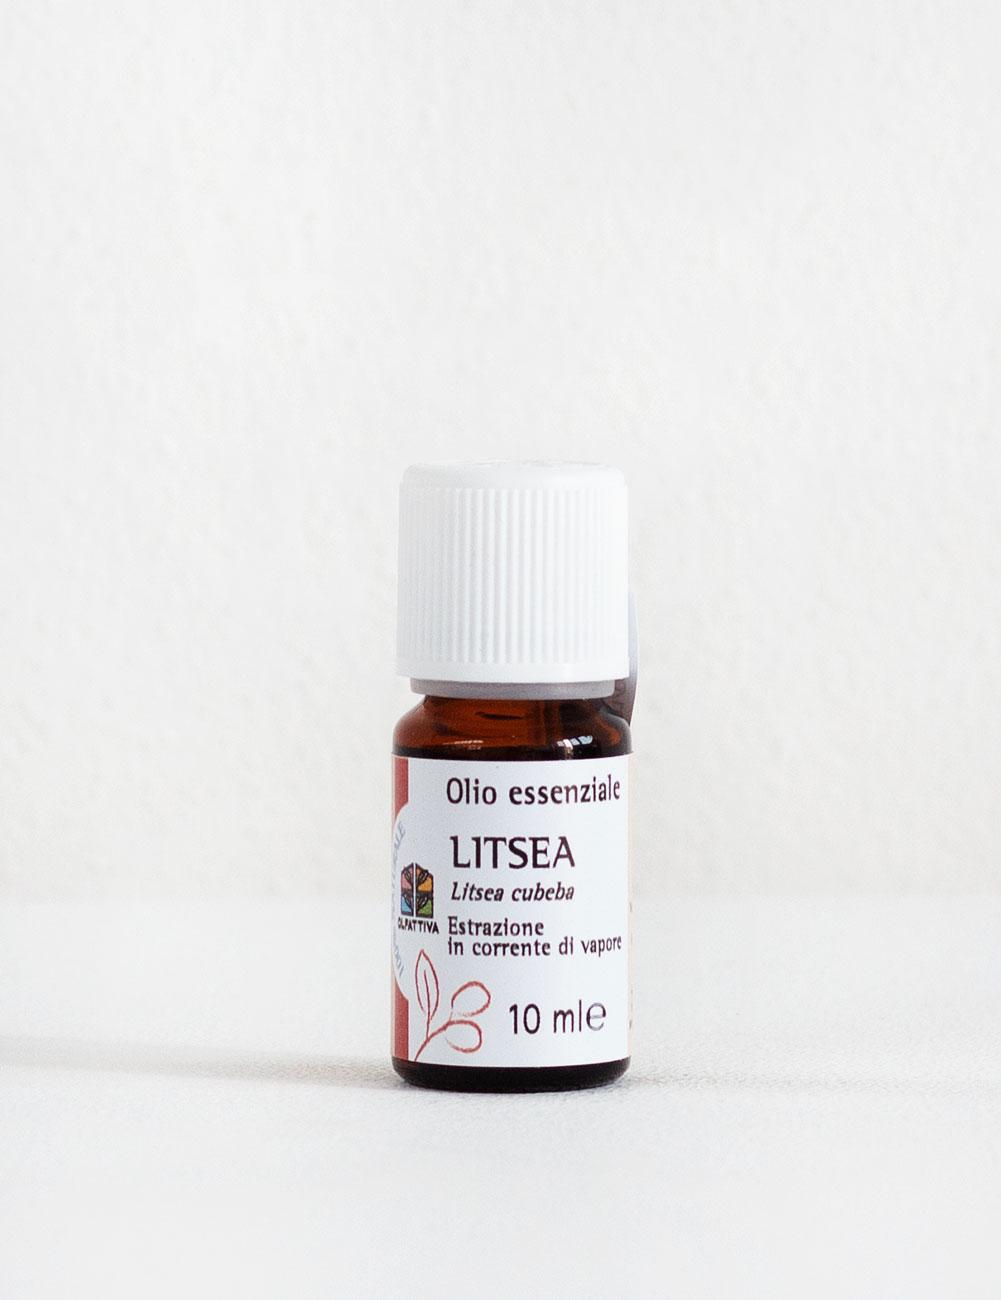 Olio essenziale di Litsea - 10 ml - Olfattiva